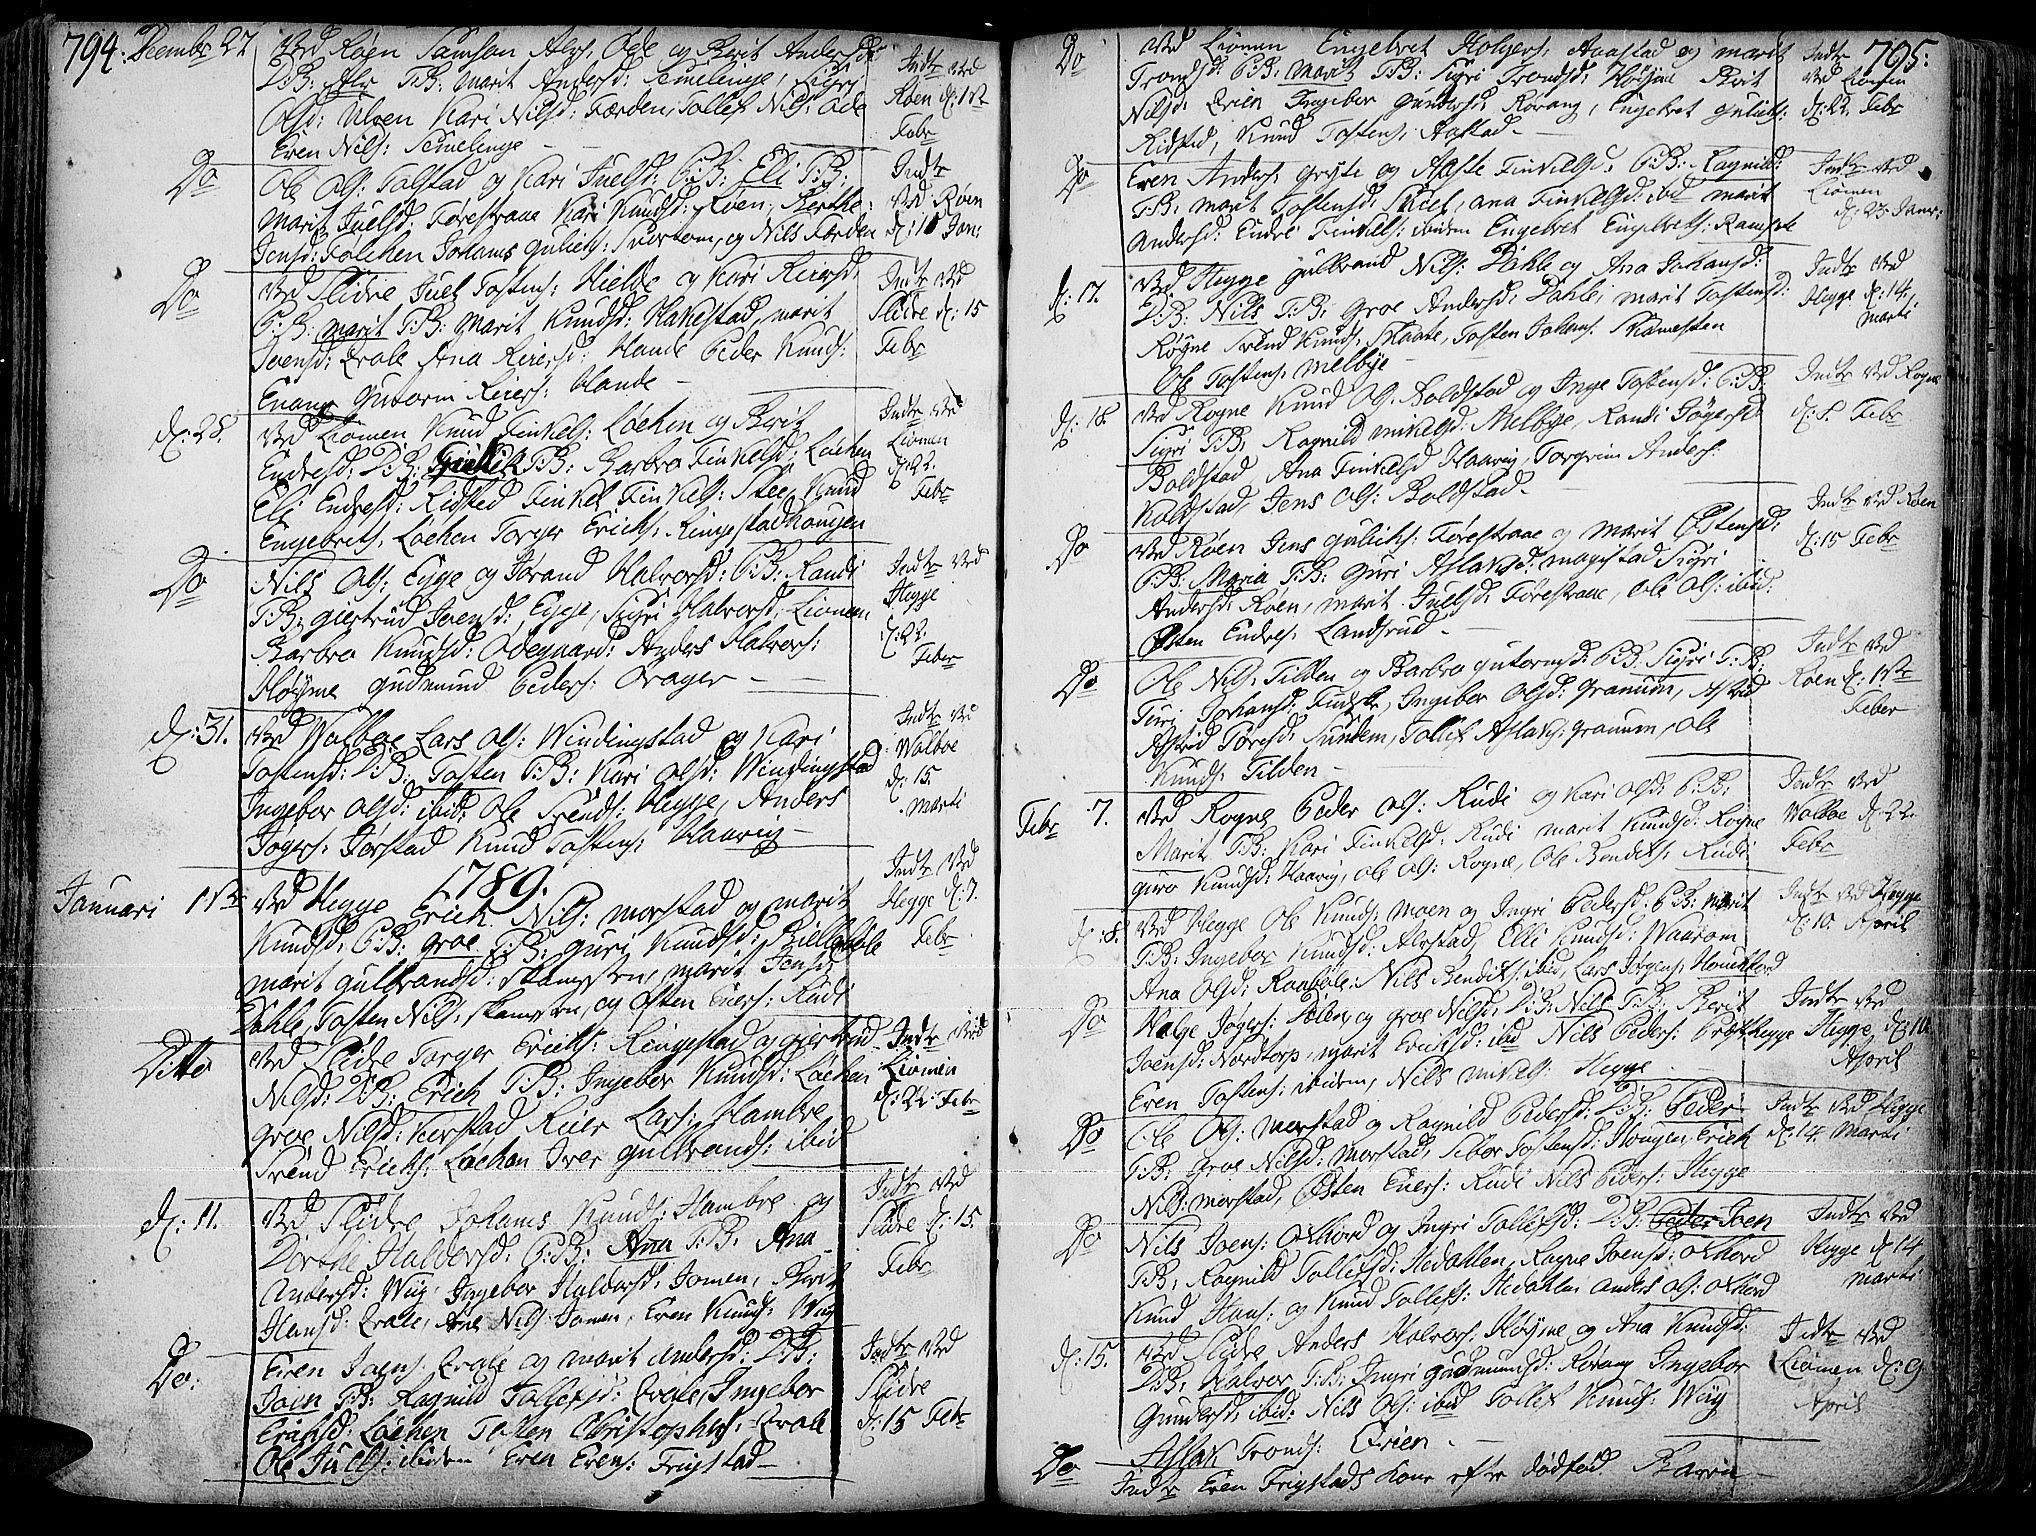 SAH, Slidre prestekontor, Ministerialbok nr. 1, 1724-1814, s. 794-795